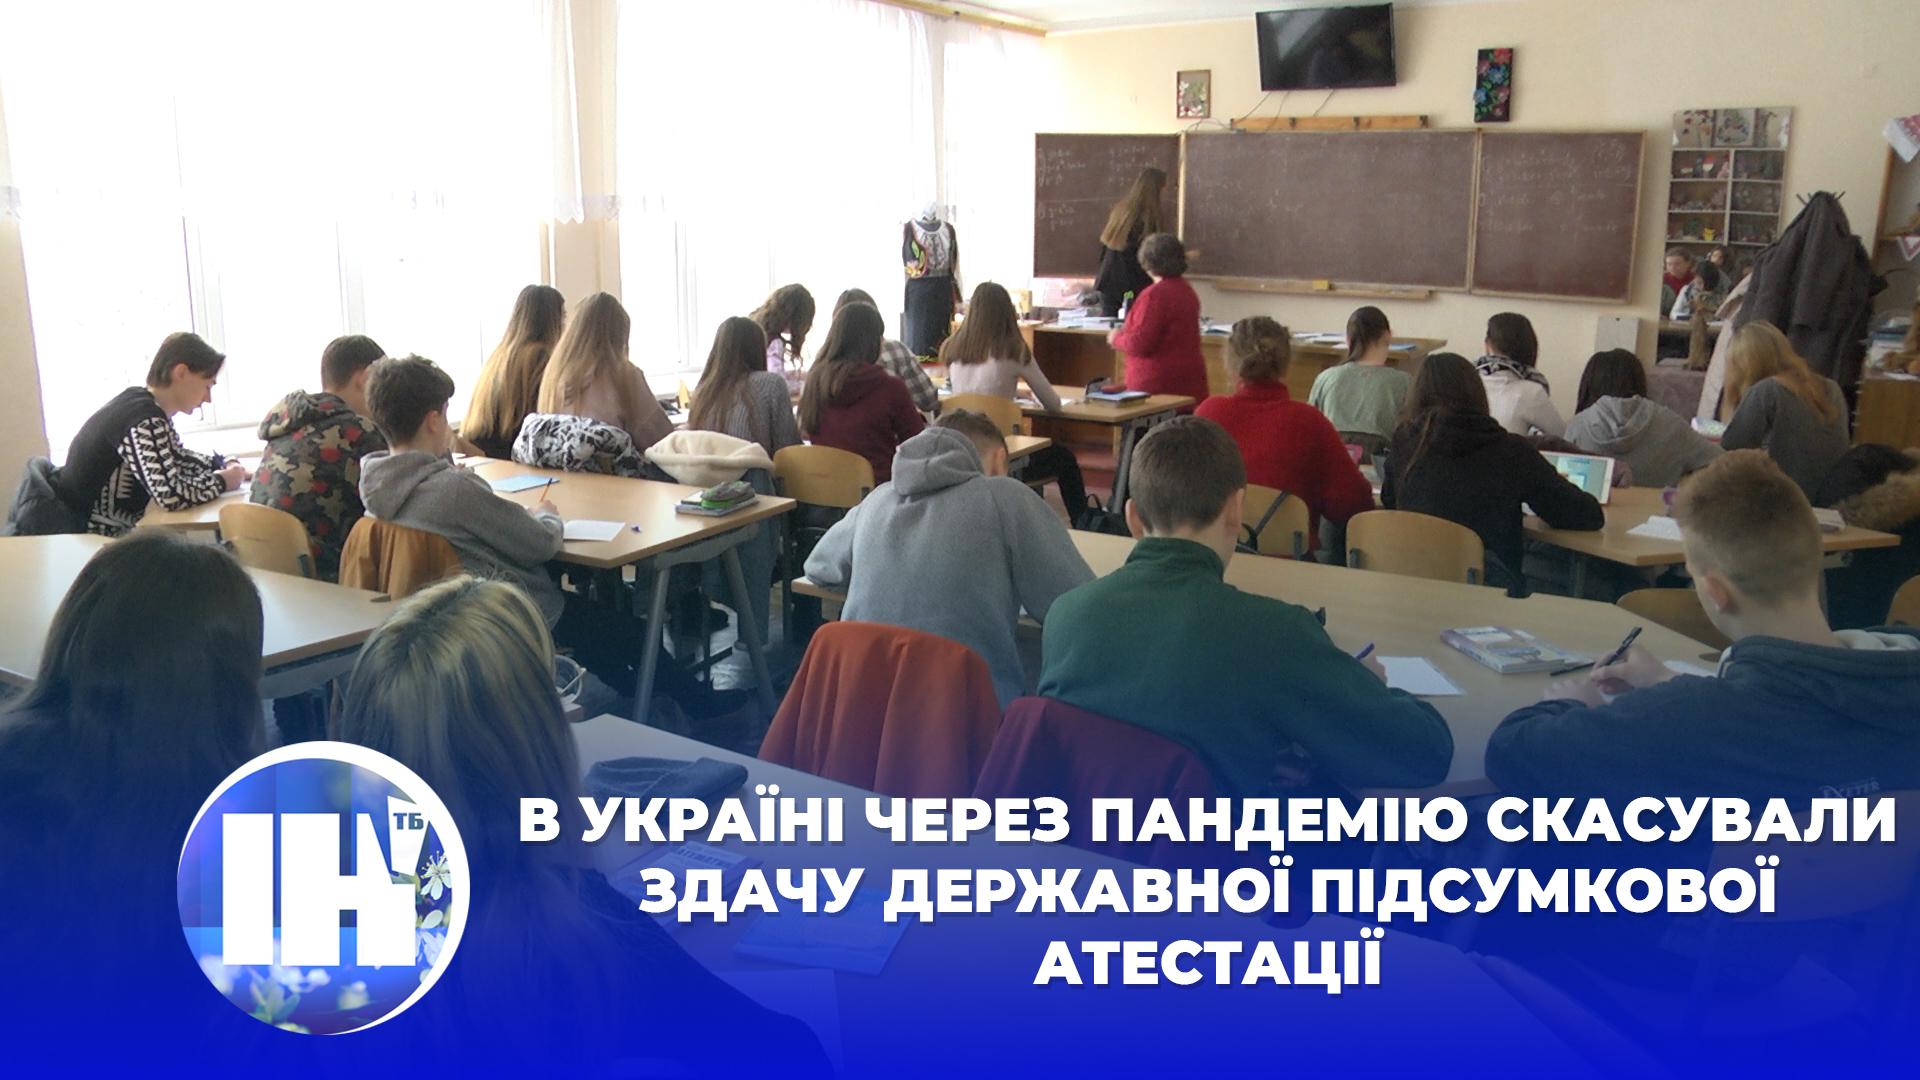 В Україні через пандемію скасували здачу Державної Підсумкової Атестації